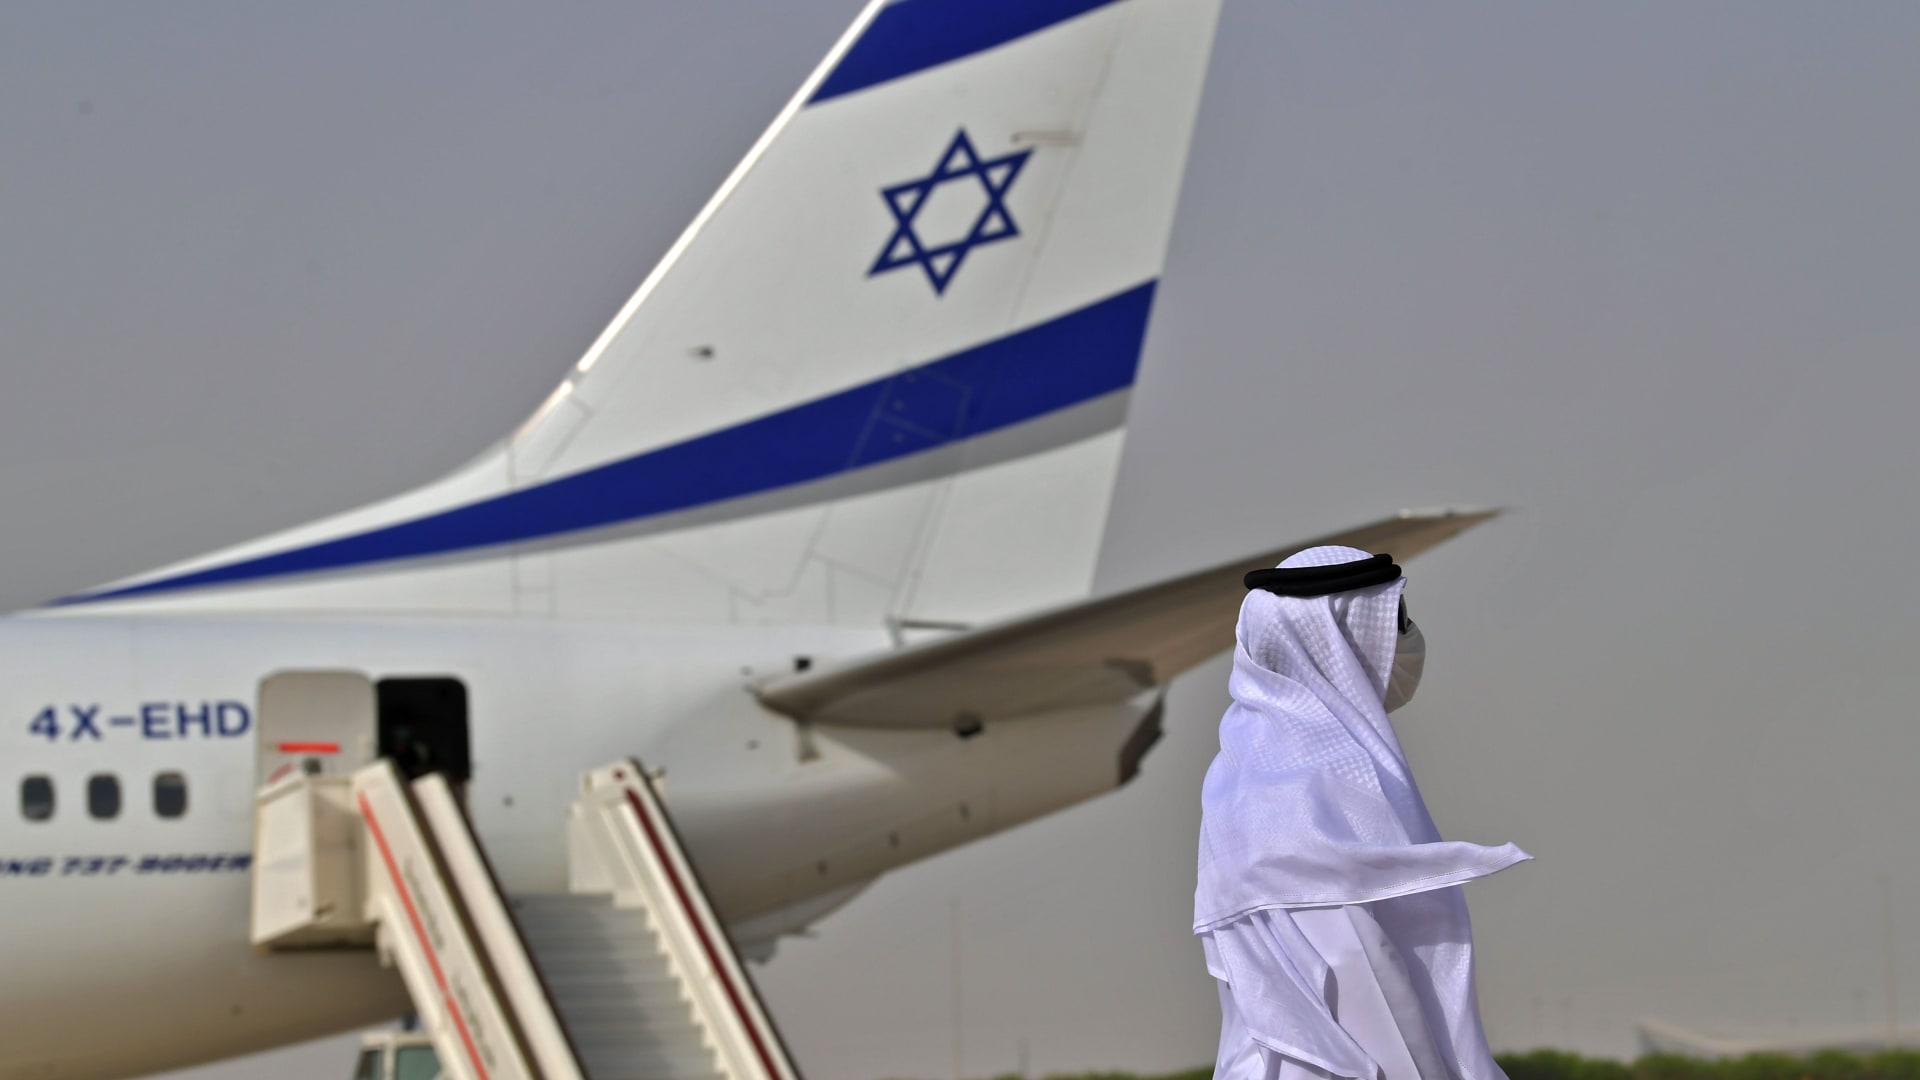 كيف يعزز اتفاق الإمارات وإسرائيل صناعة الألماس في دبي؟